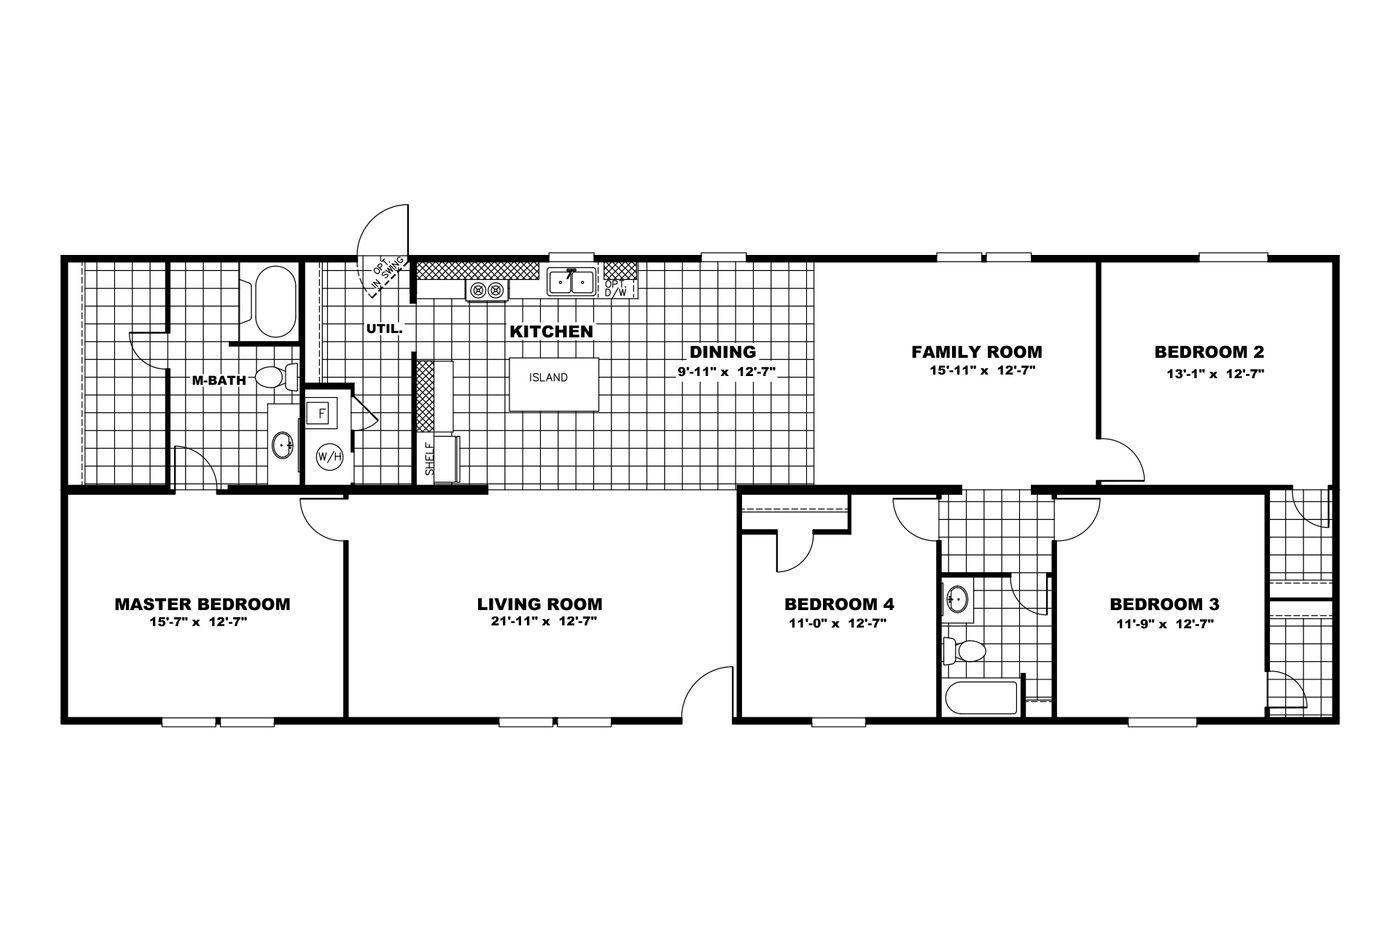 The Wonder Floorplan